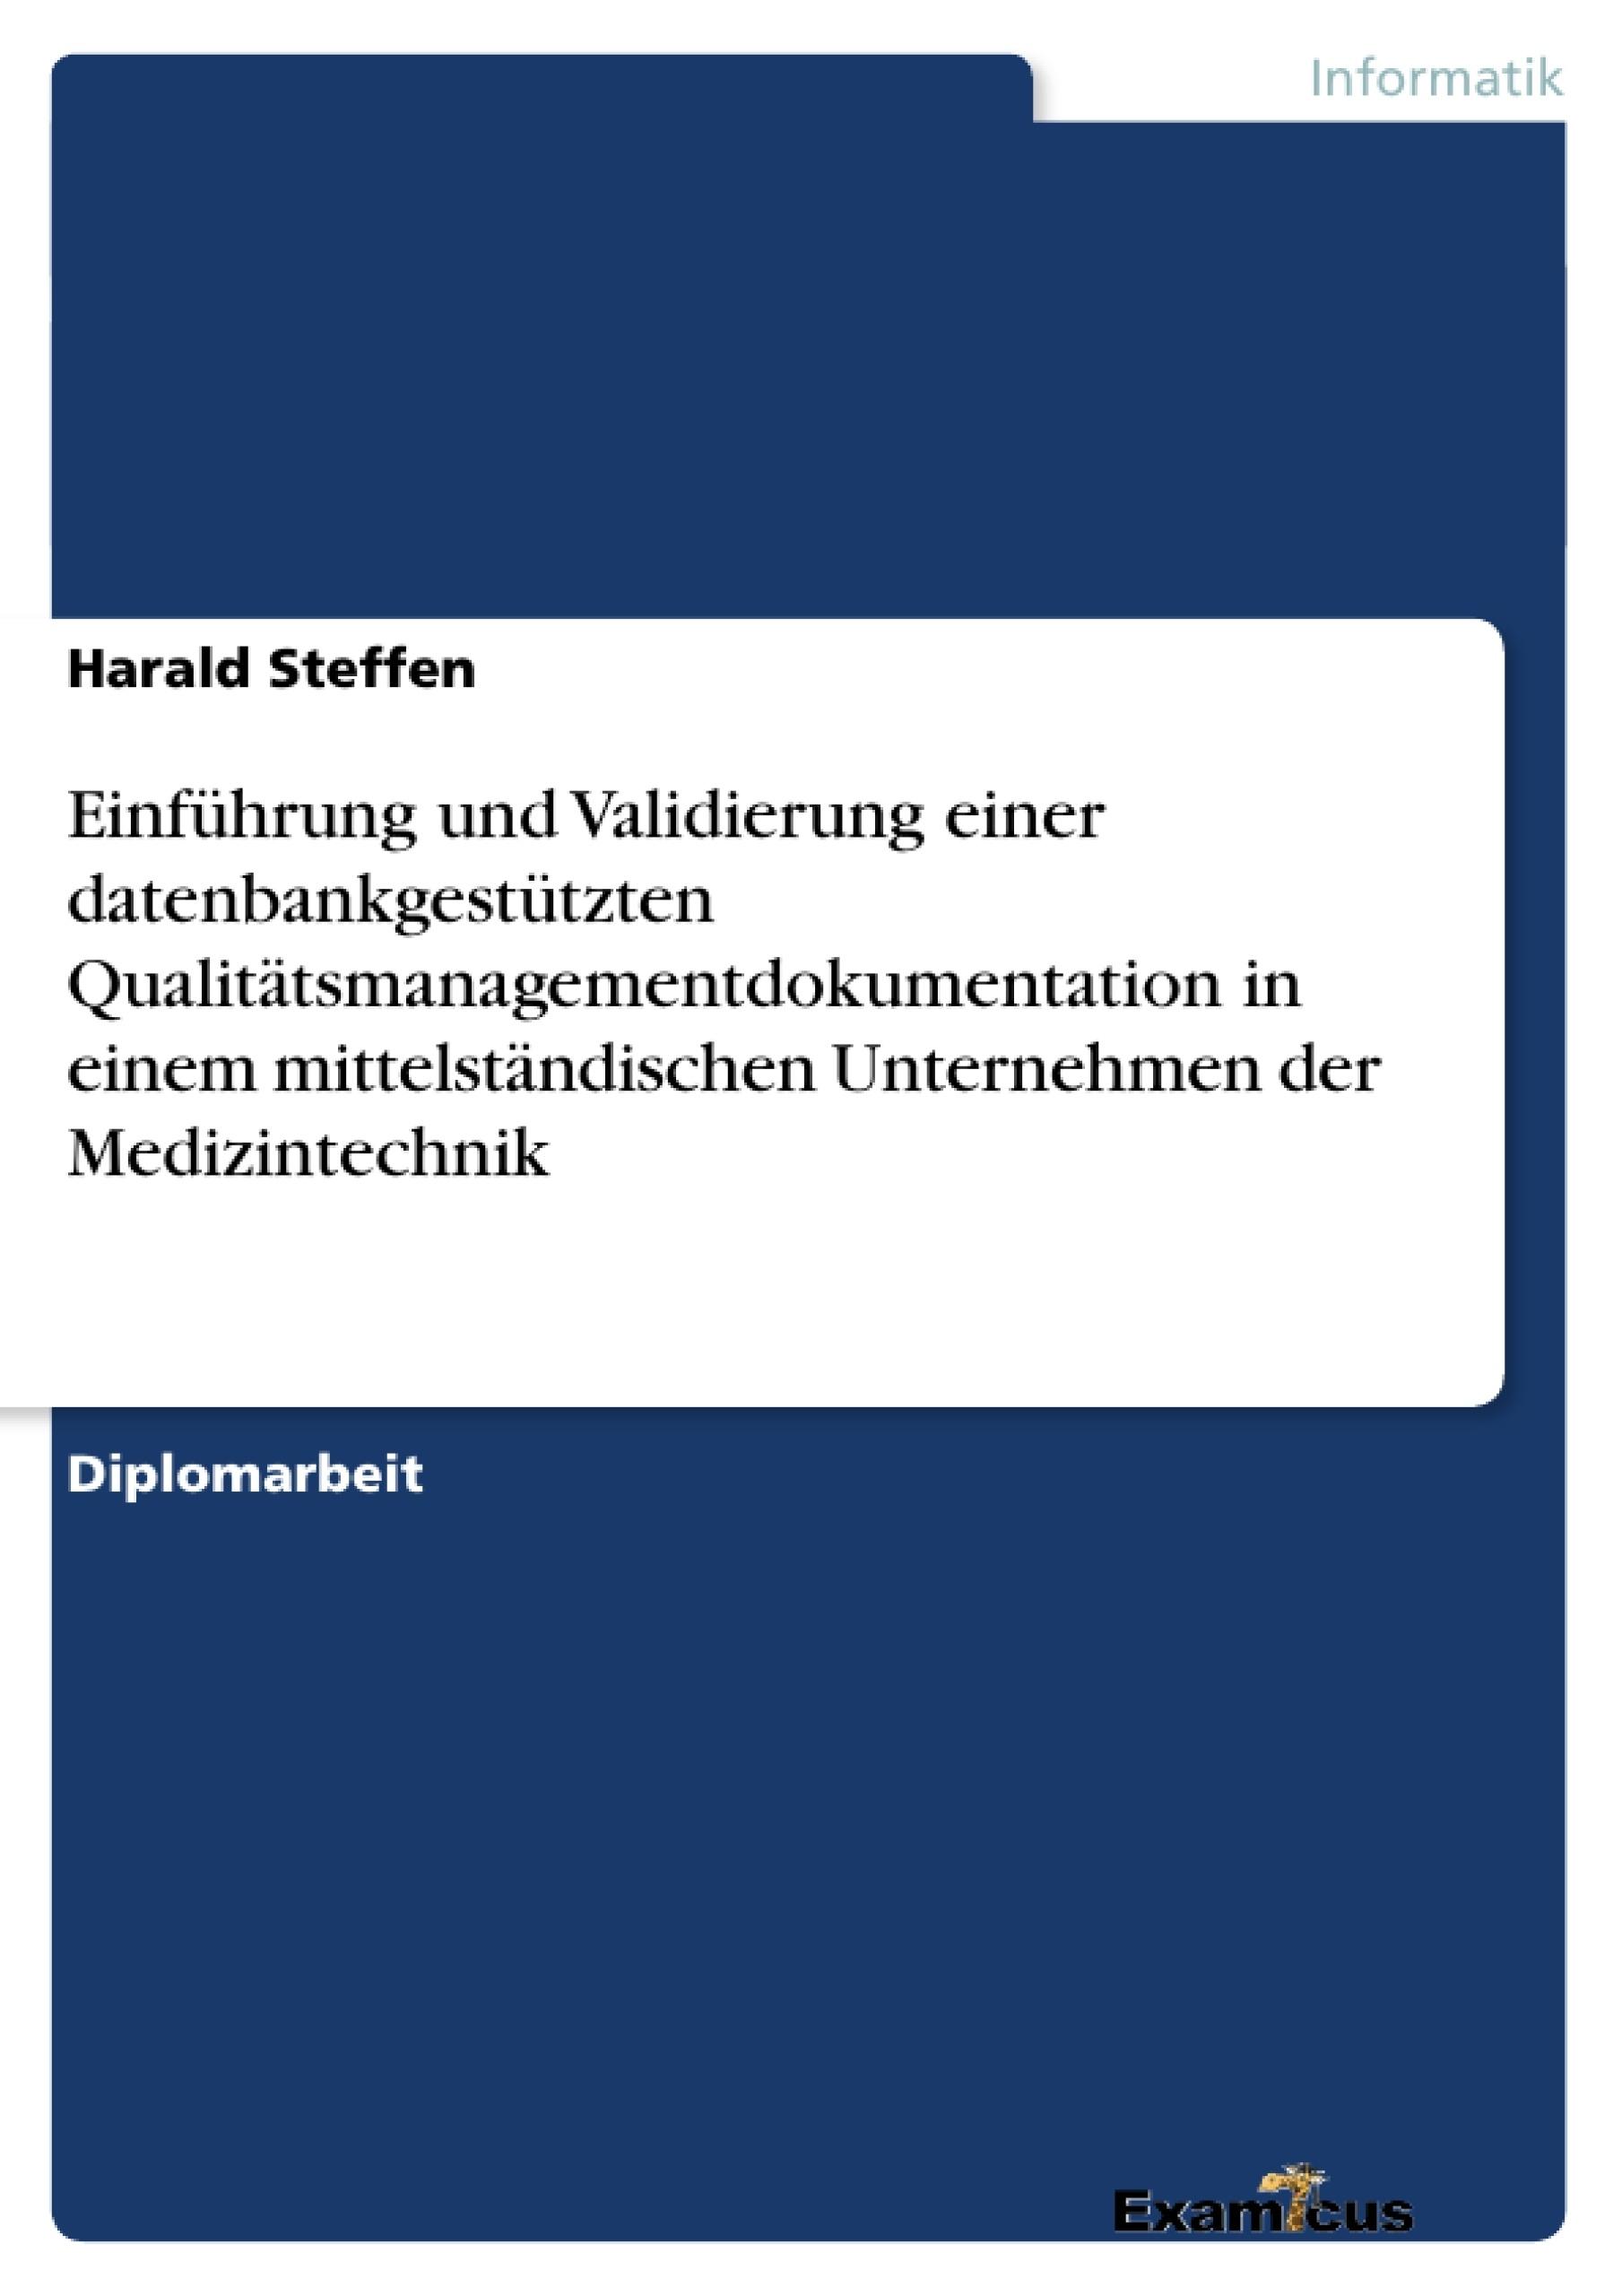 Titel: Einführung und Validierung einer datenbankgestützten Qualitätsmanagementdokumentation in einem mittelständischen Unternehmen der Medizintechnik